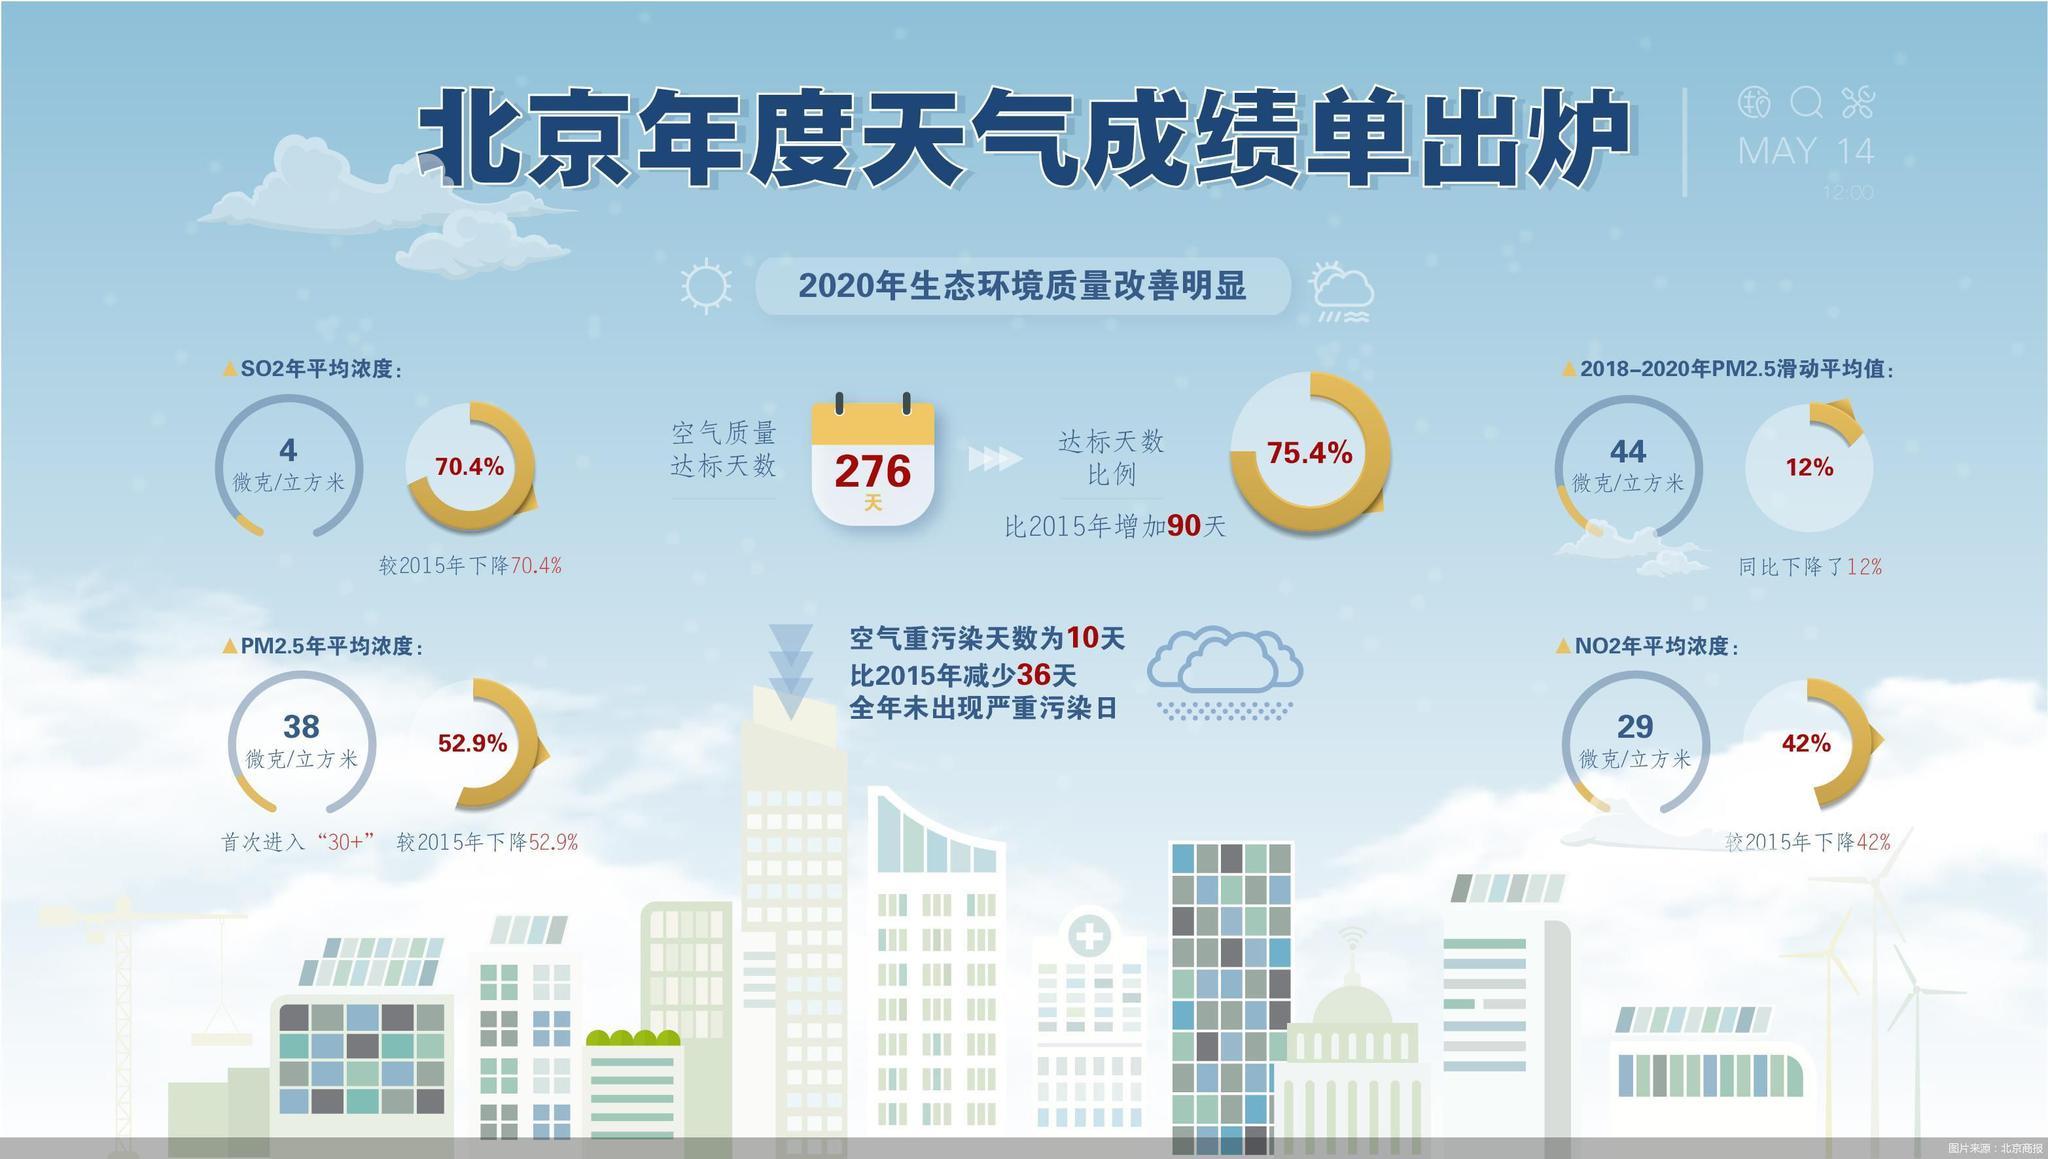 北京生态环境如何?2020全市生态治理成绩单喊你来验收